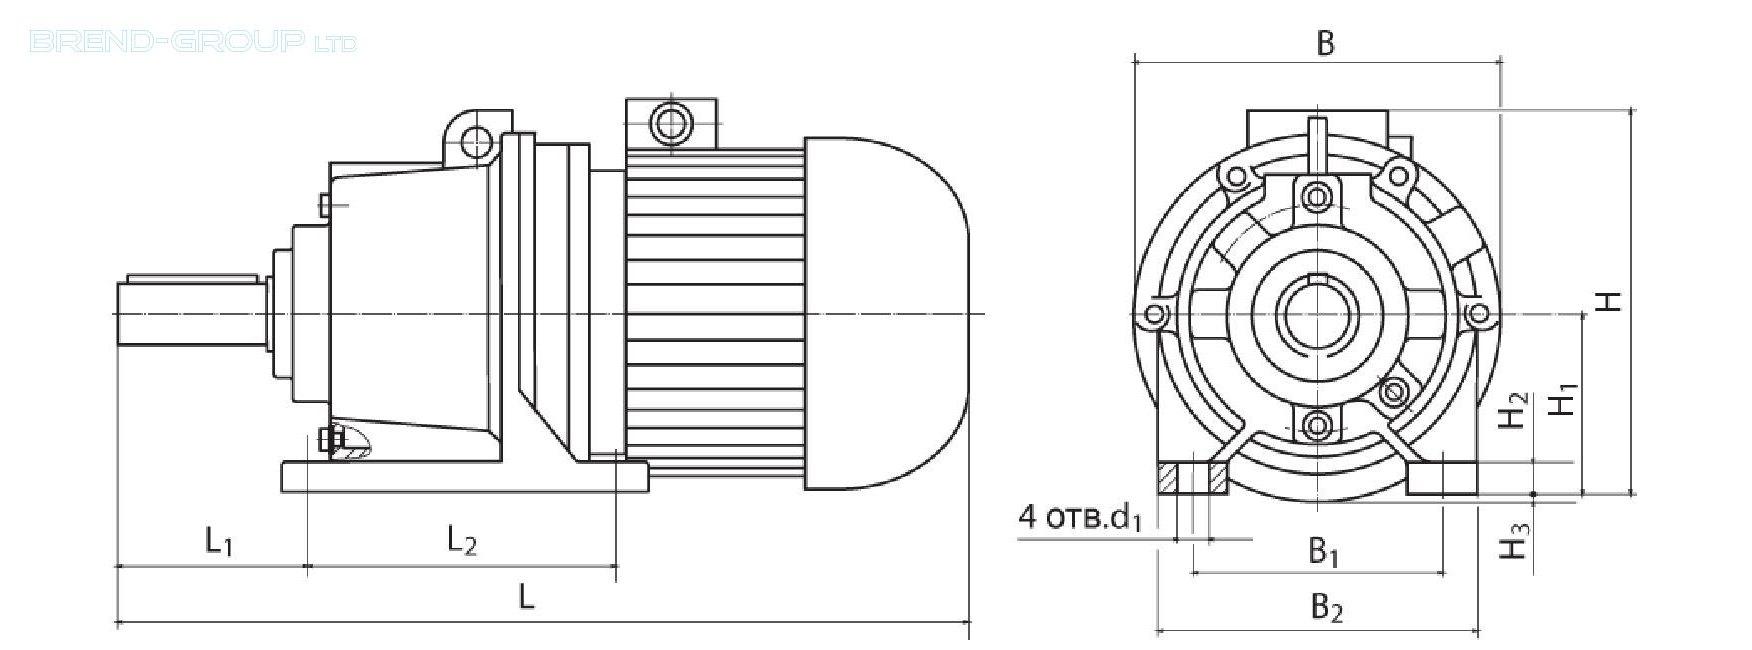 планетарный мотор-редуктор схема